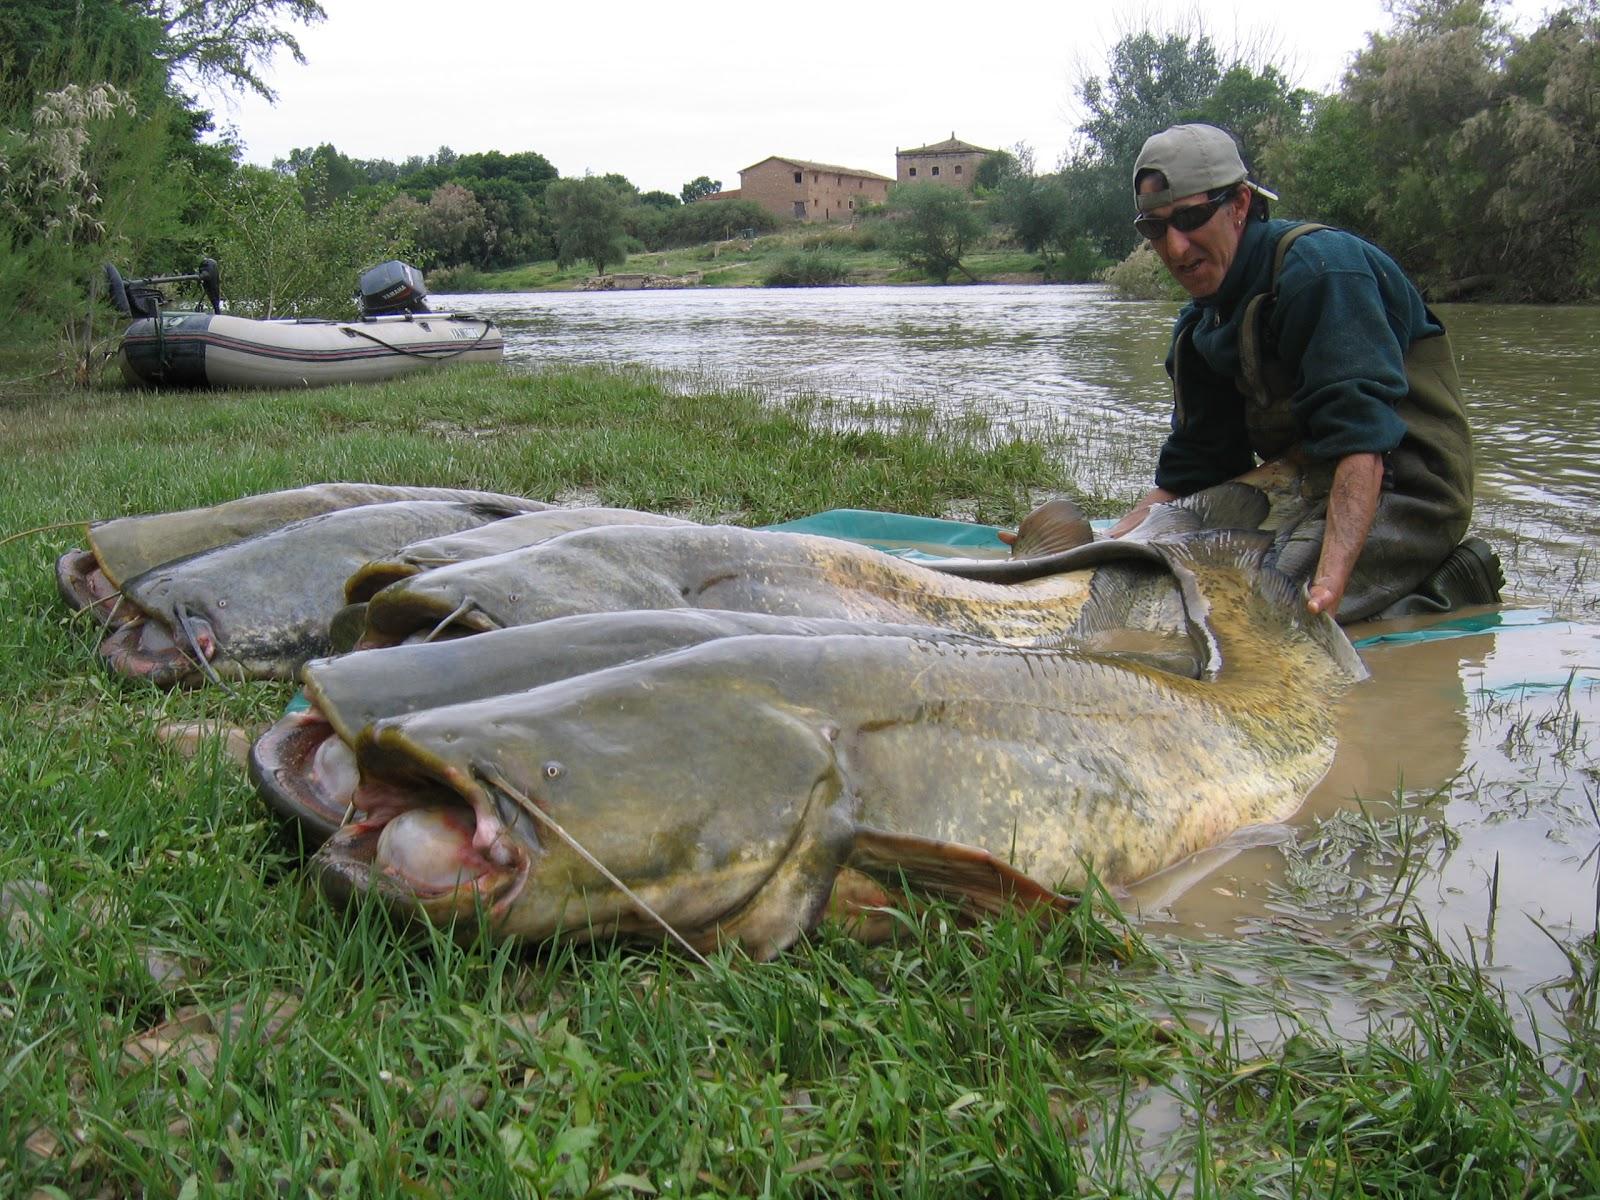 охота на монстров рыбалка